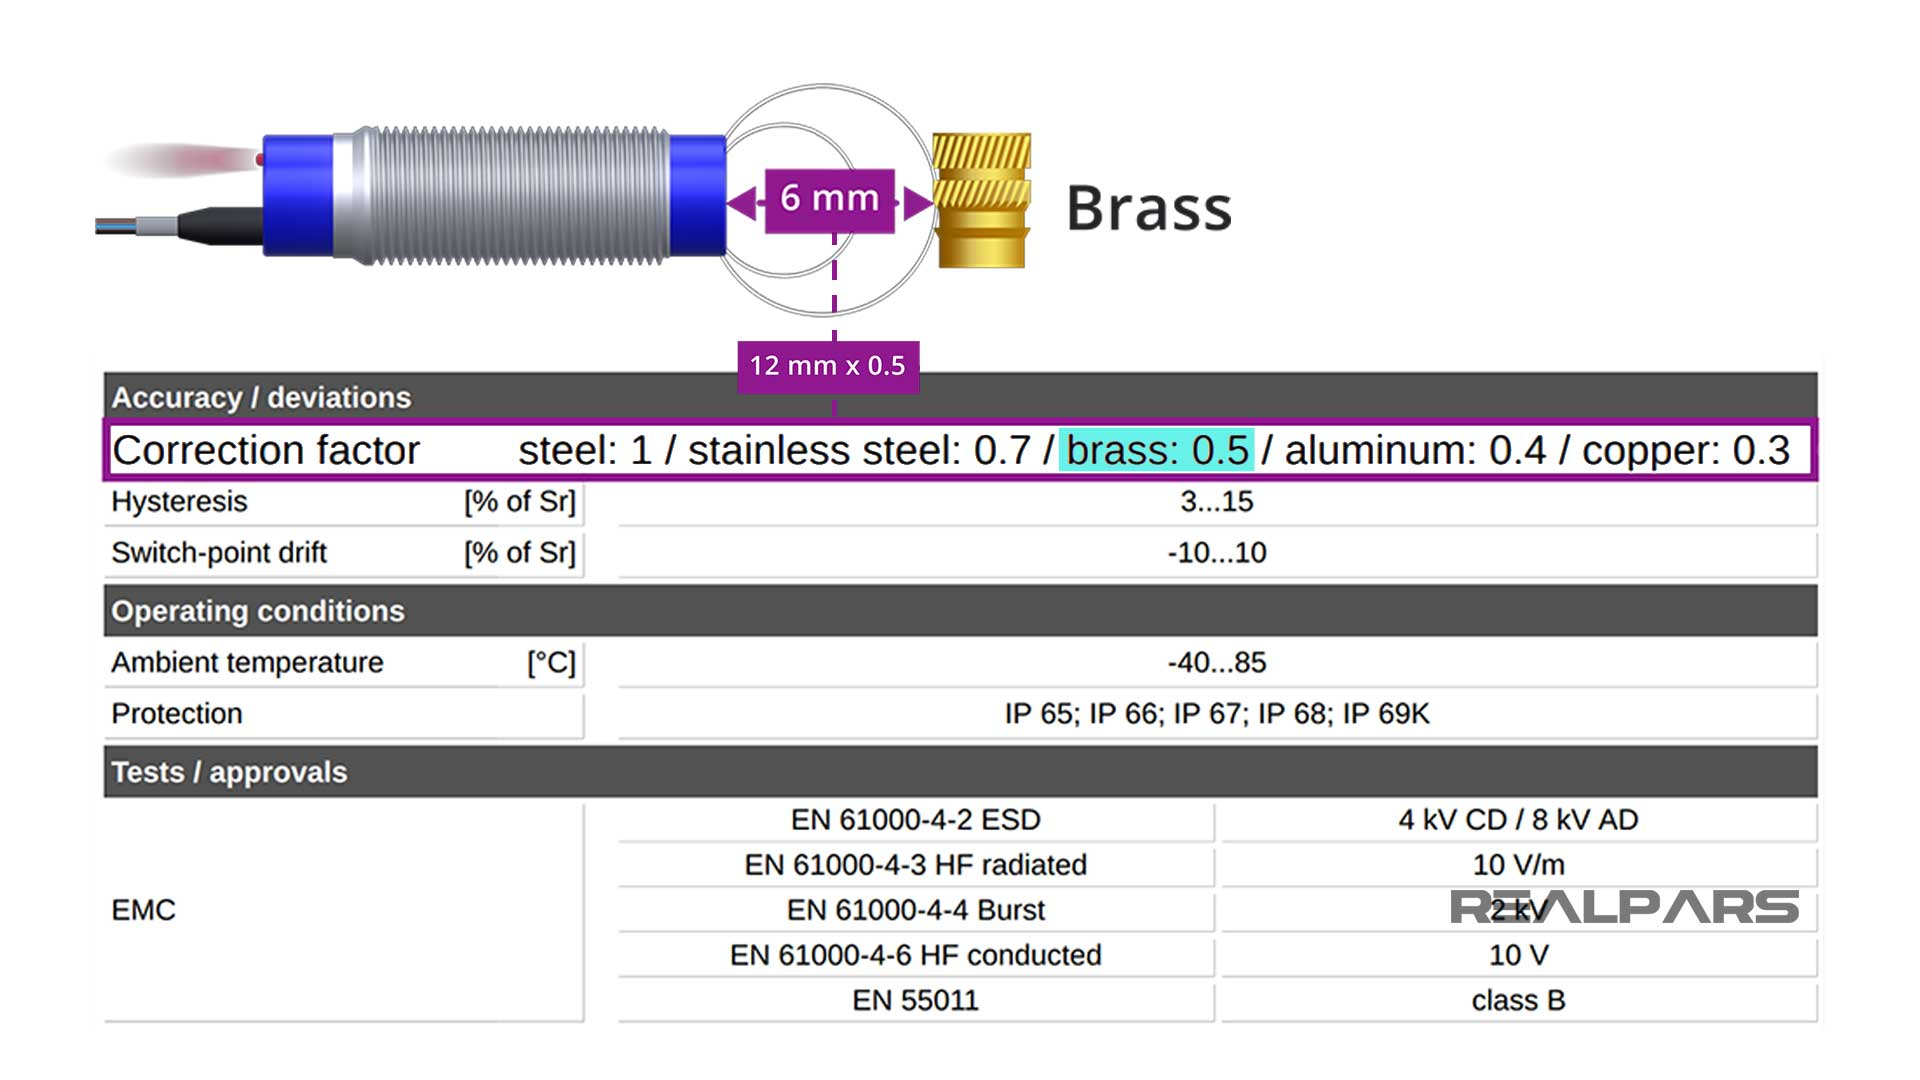 Brass correction factor.